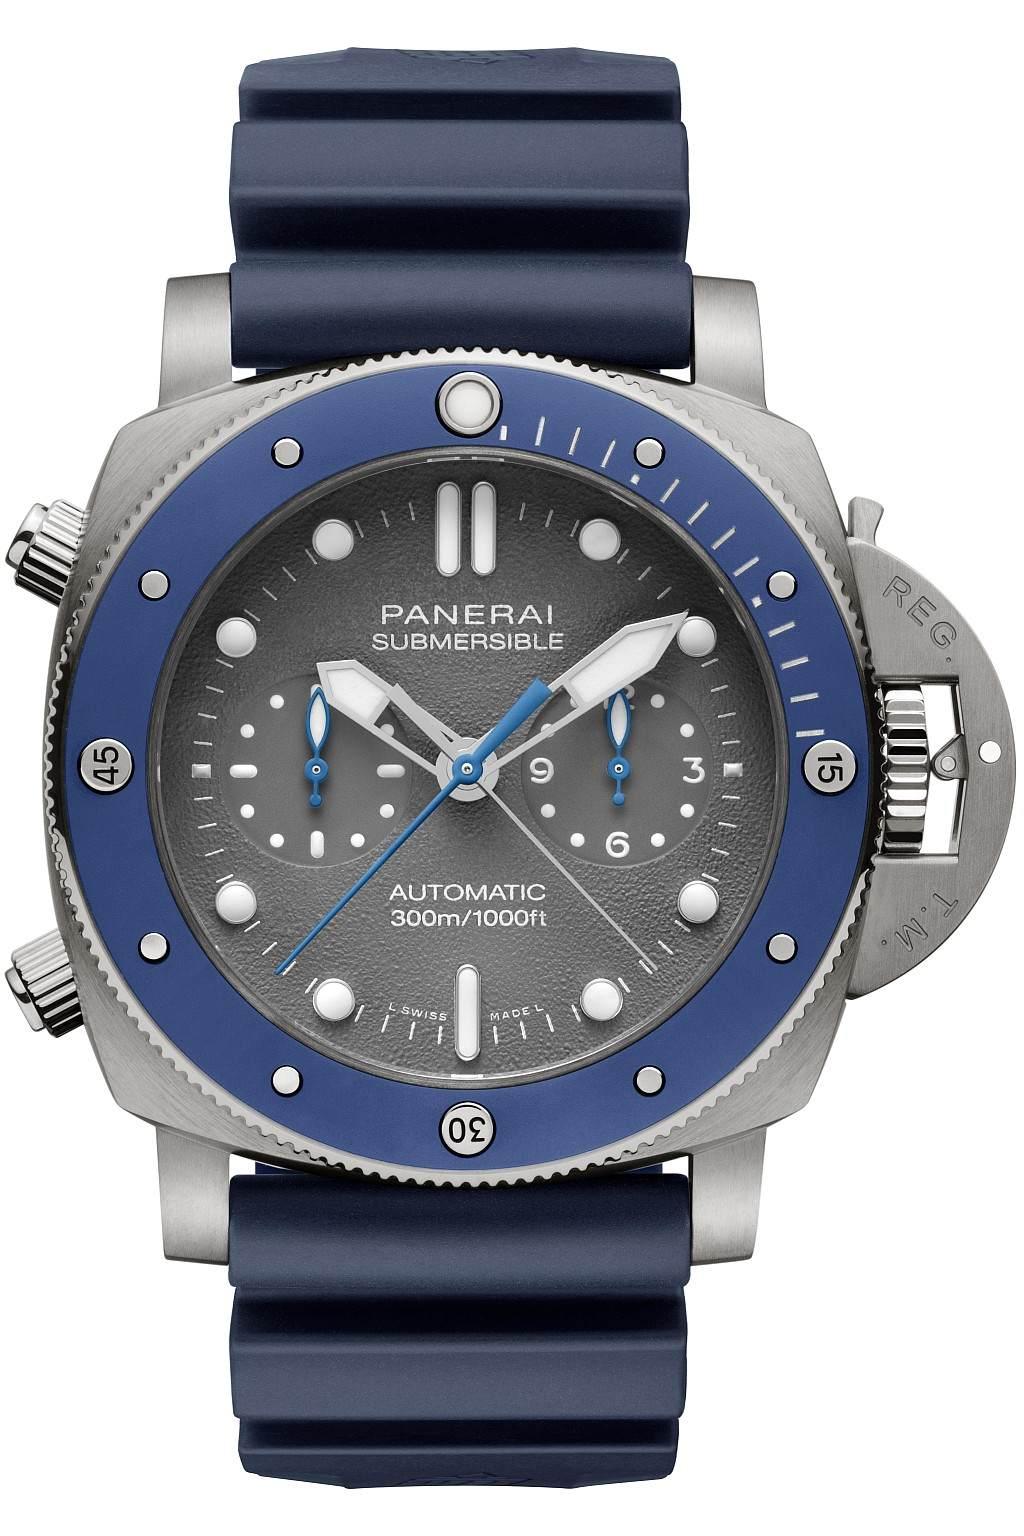 沛納海 Submersible專業潛水計時腕錶 Guillaume Néry版 ─ 47毫米 PAM982